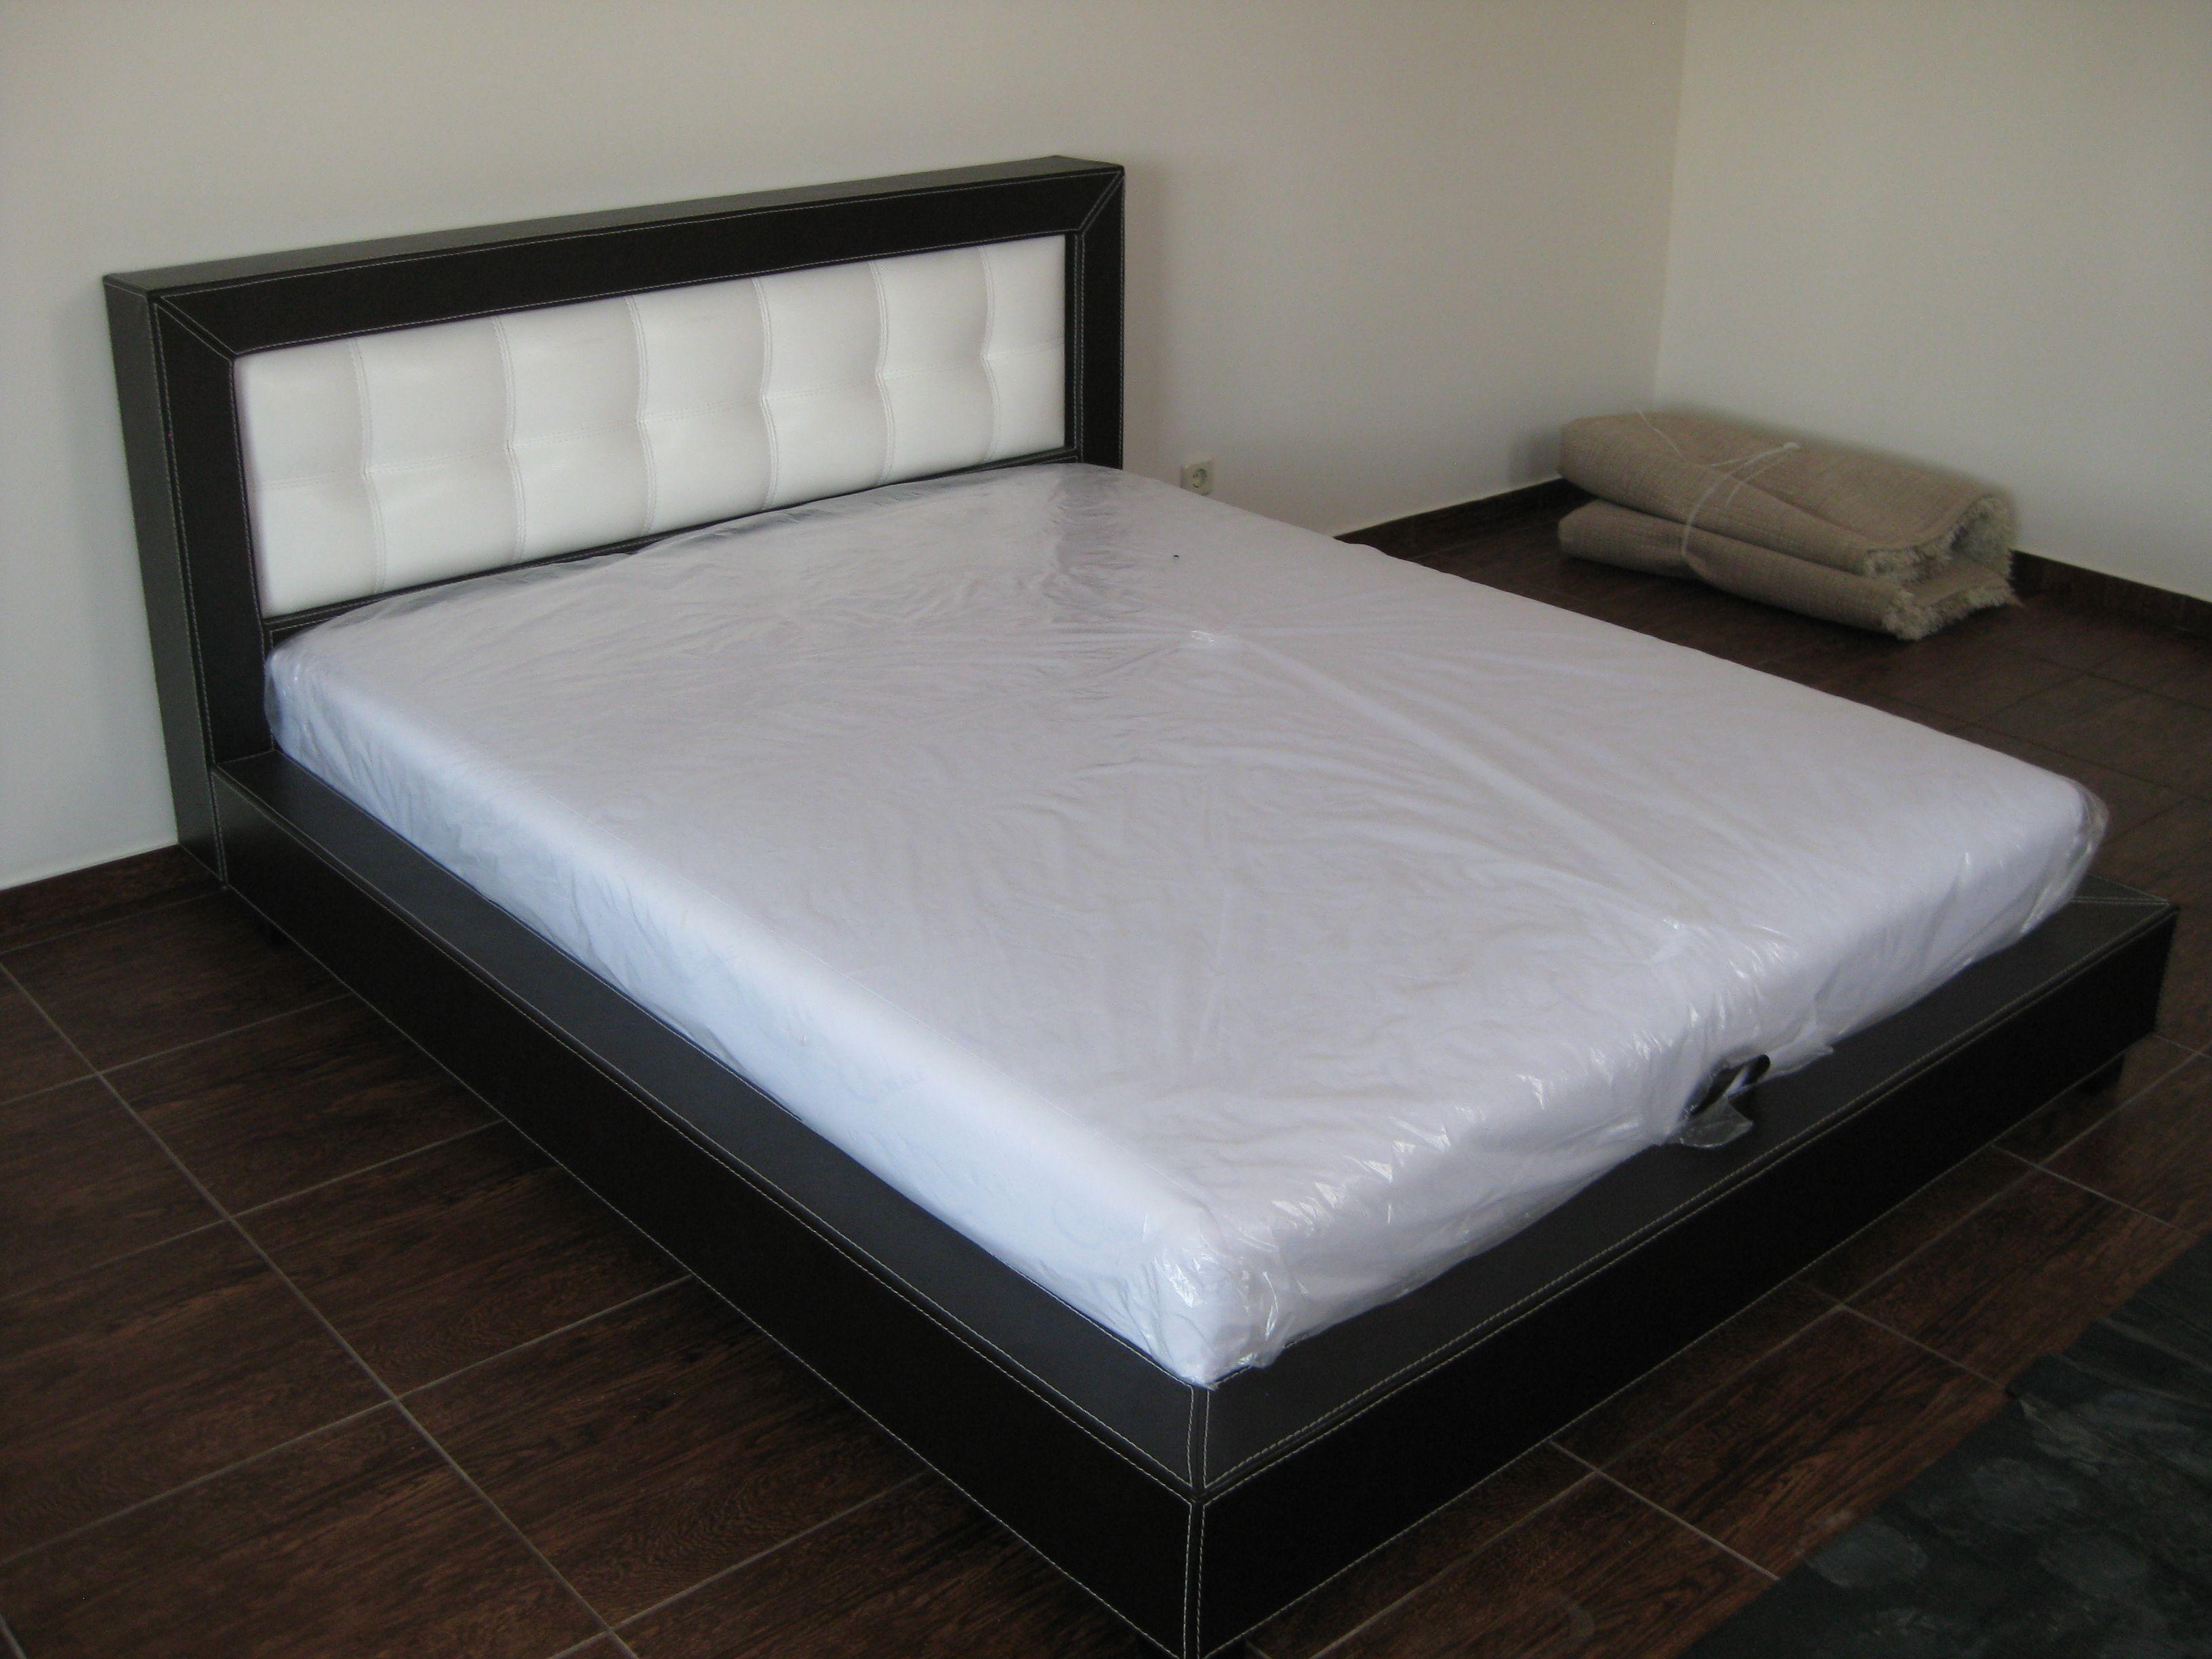 Очень хорошая основатеРьная кровать строго вида creale